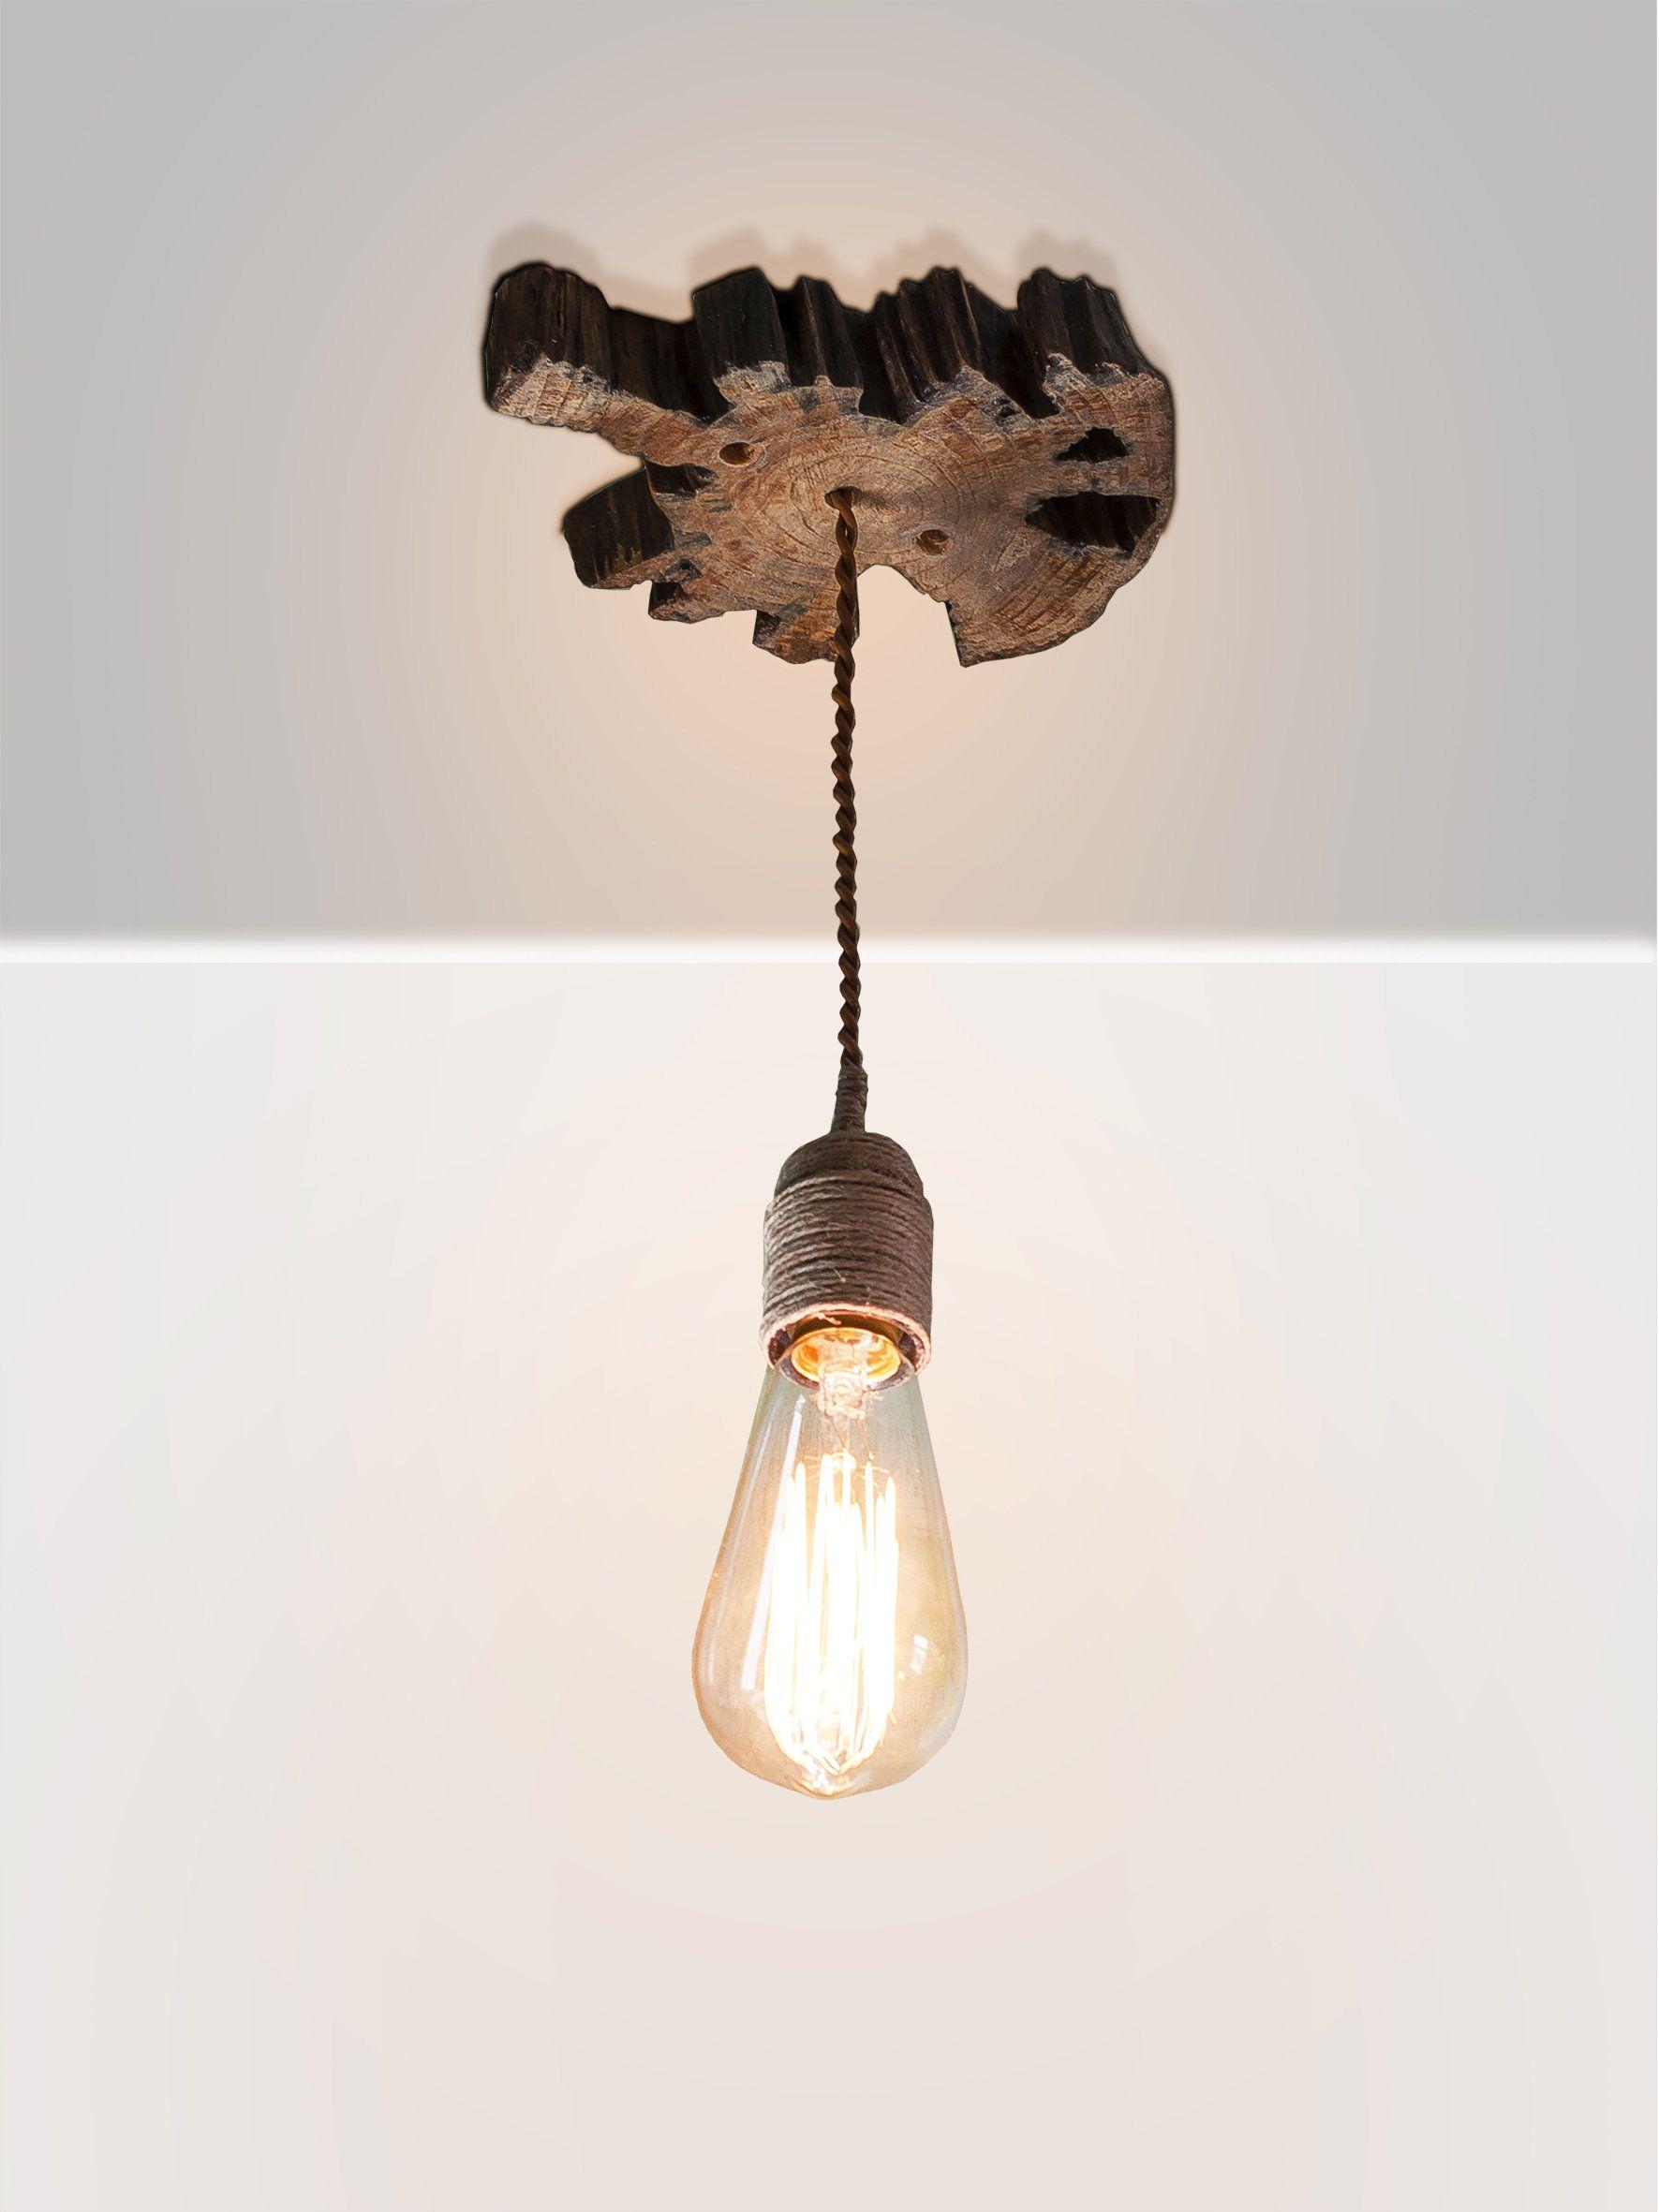 Wooden hanging lamp Pendant light Wood lamp Ceiling wood lamp Rustic